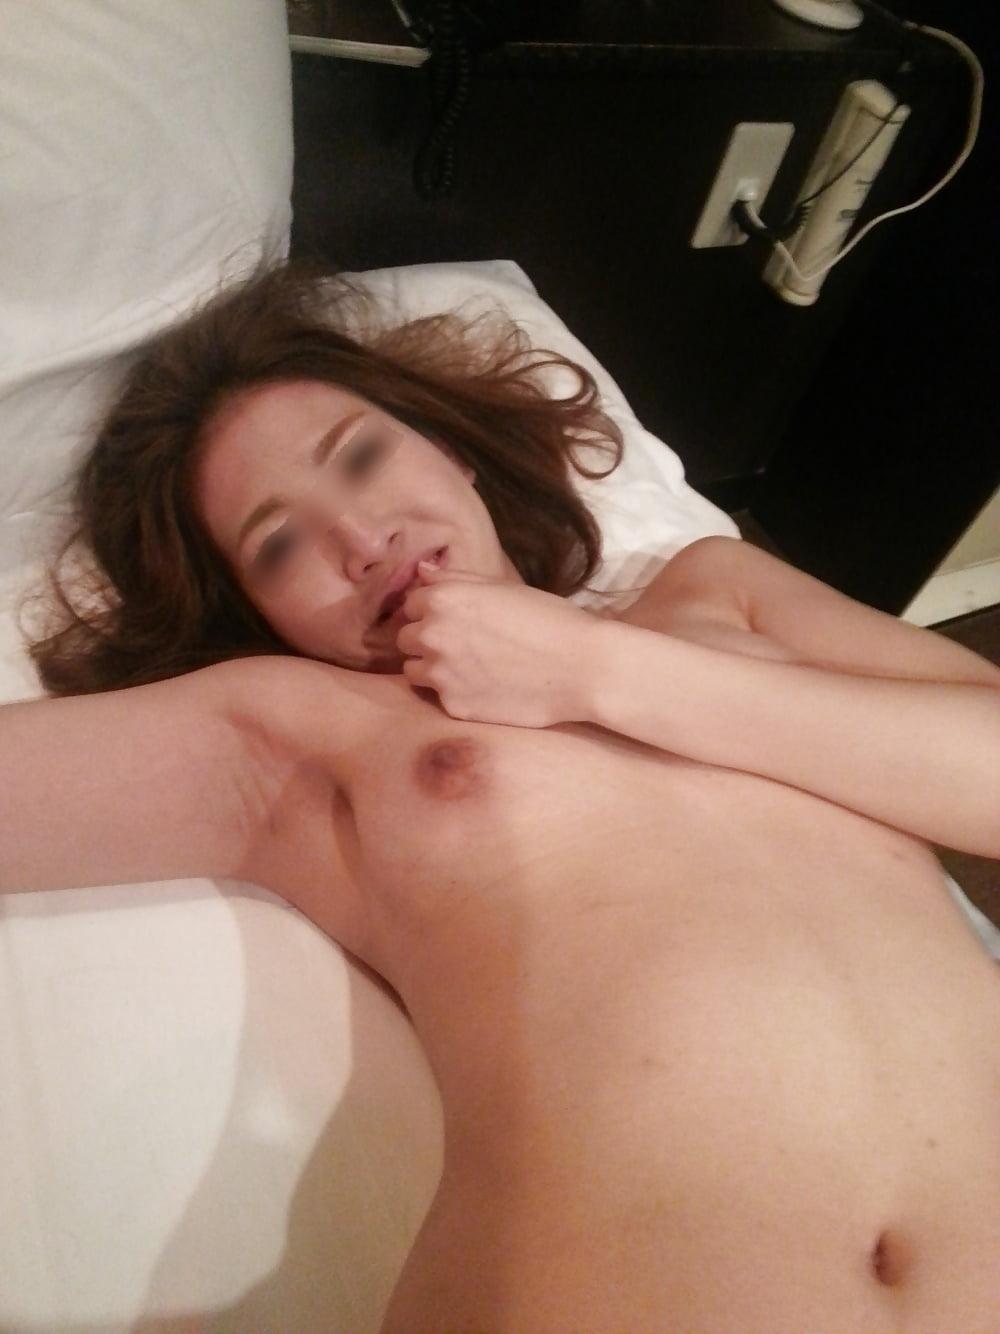 イマドキの美形ギャルに大量顔射してやったセックス画像 9